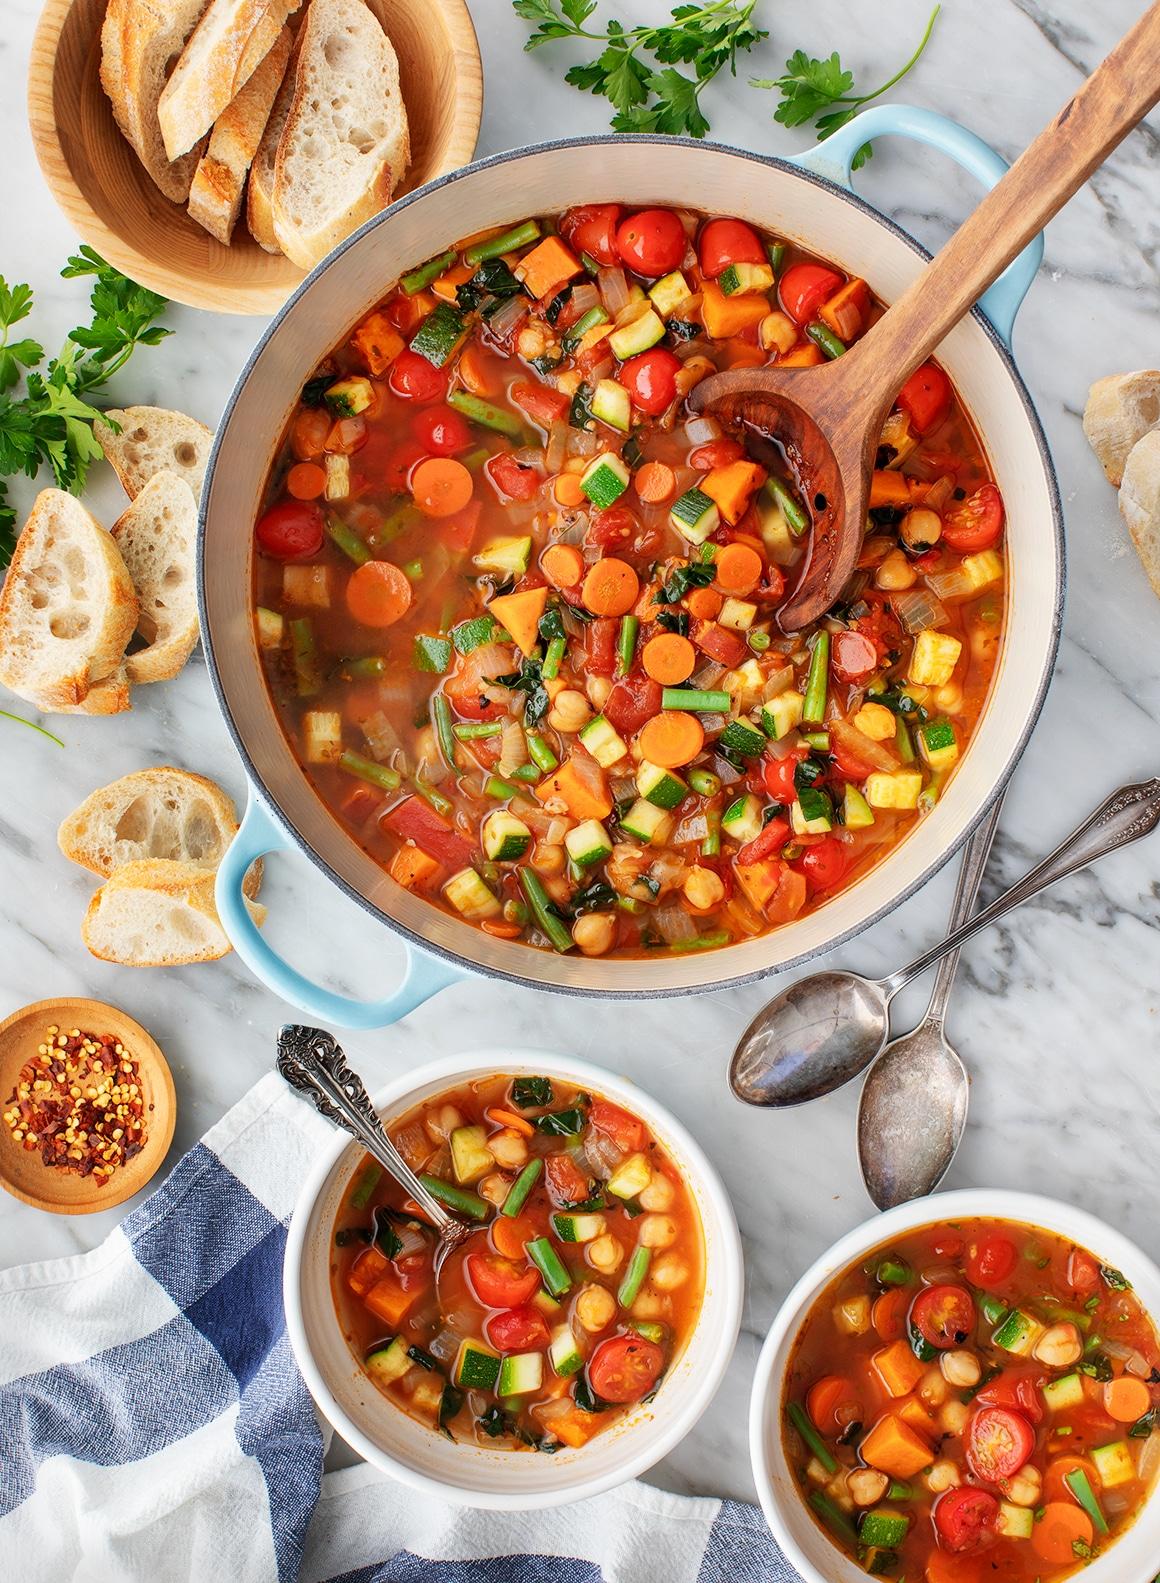 Αποτέλεσμα εικόνας για vegetable soup